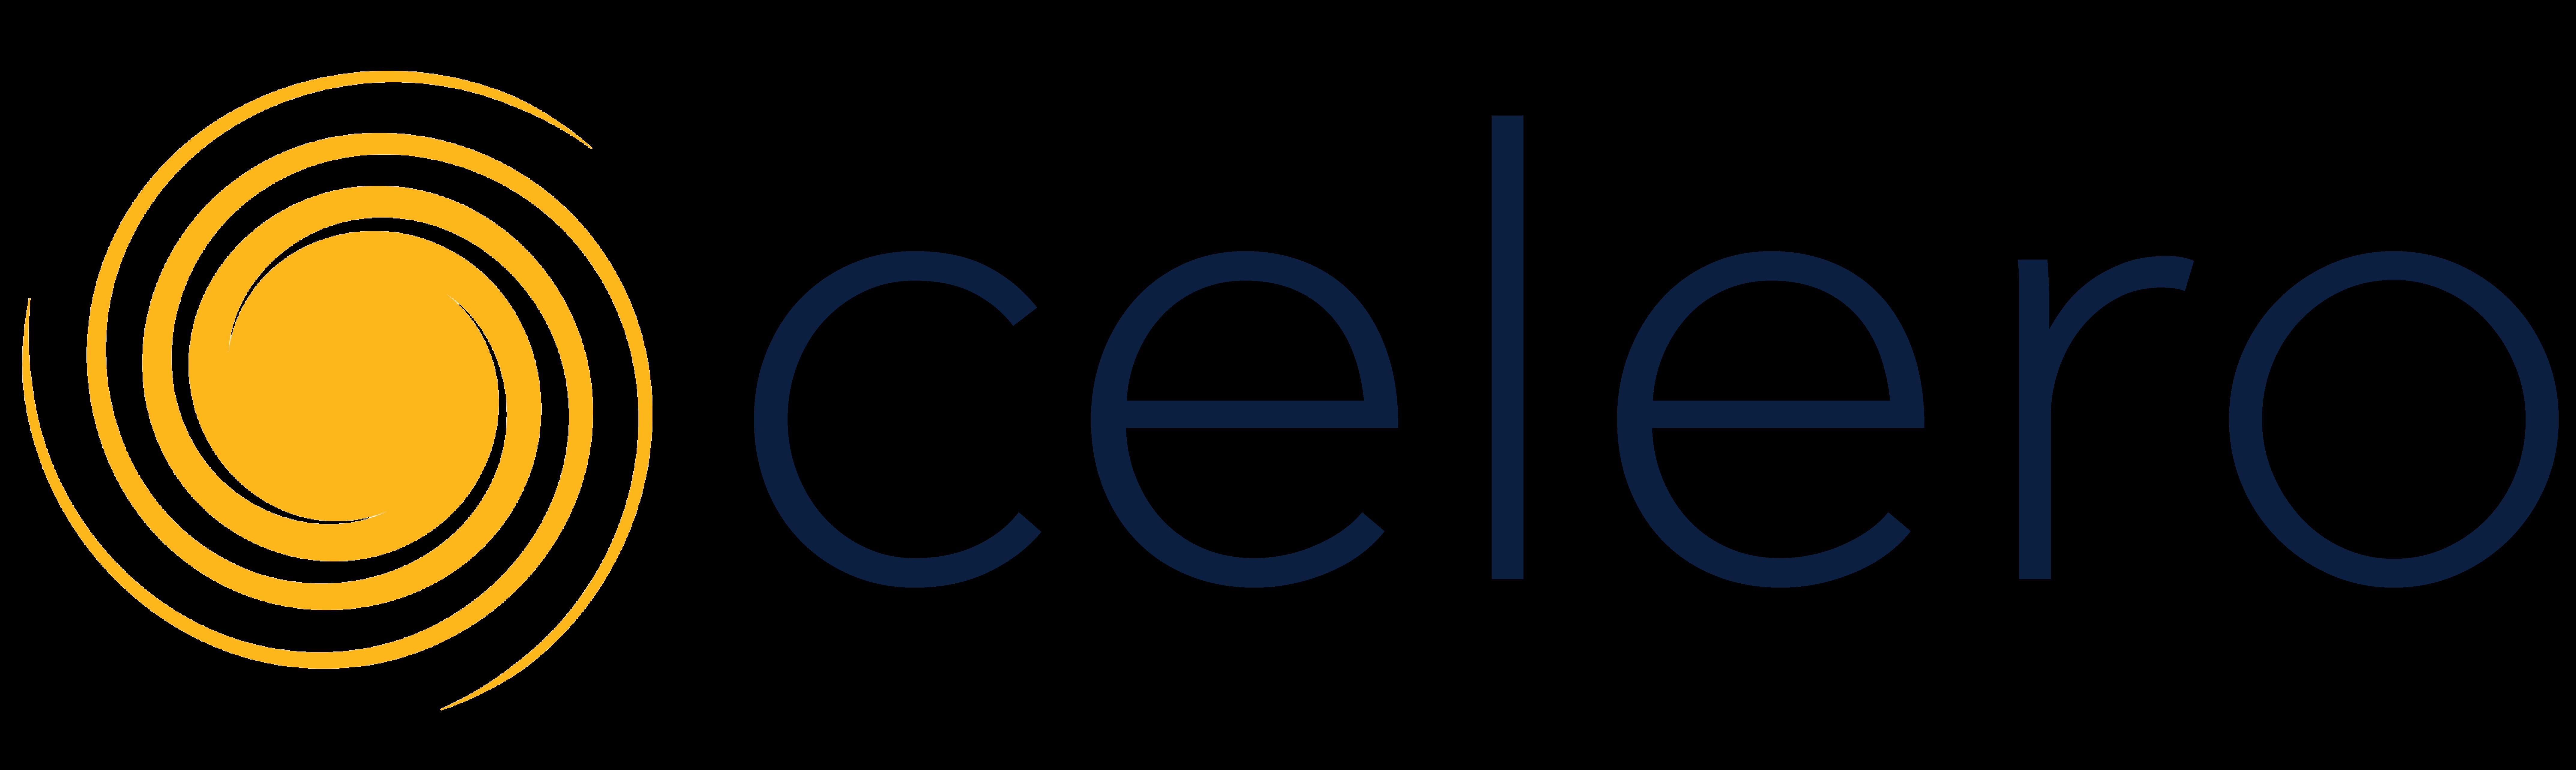 Celero commerce - Alternate-1